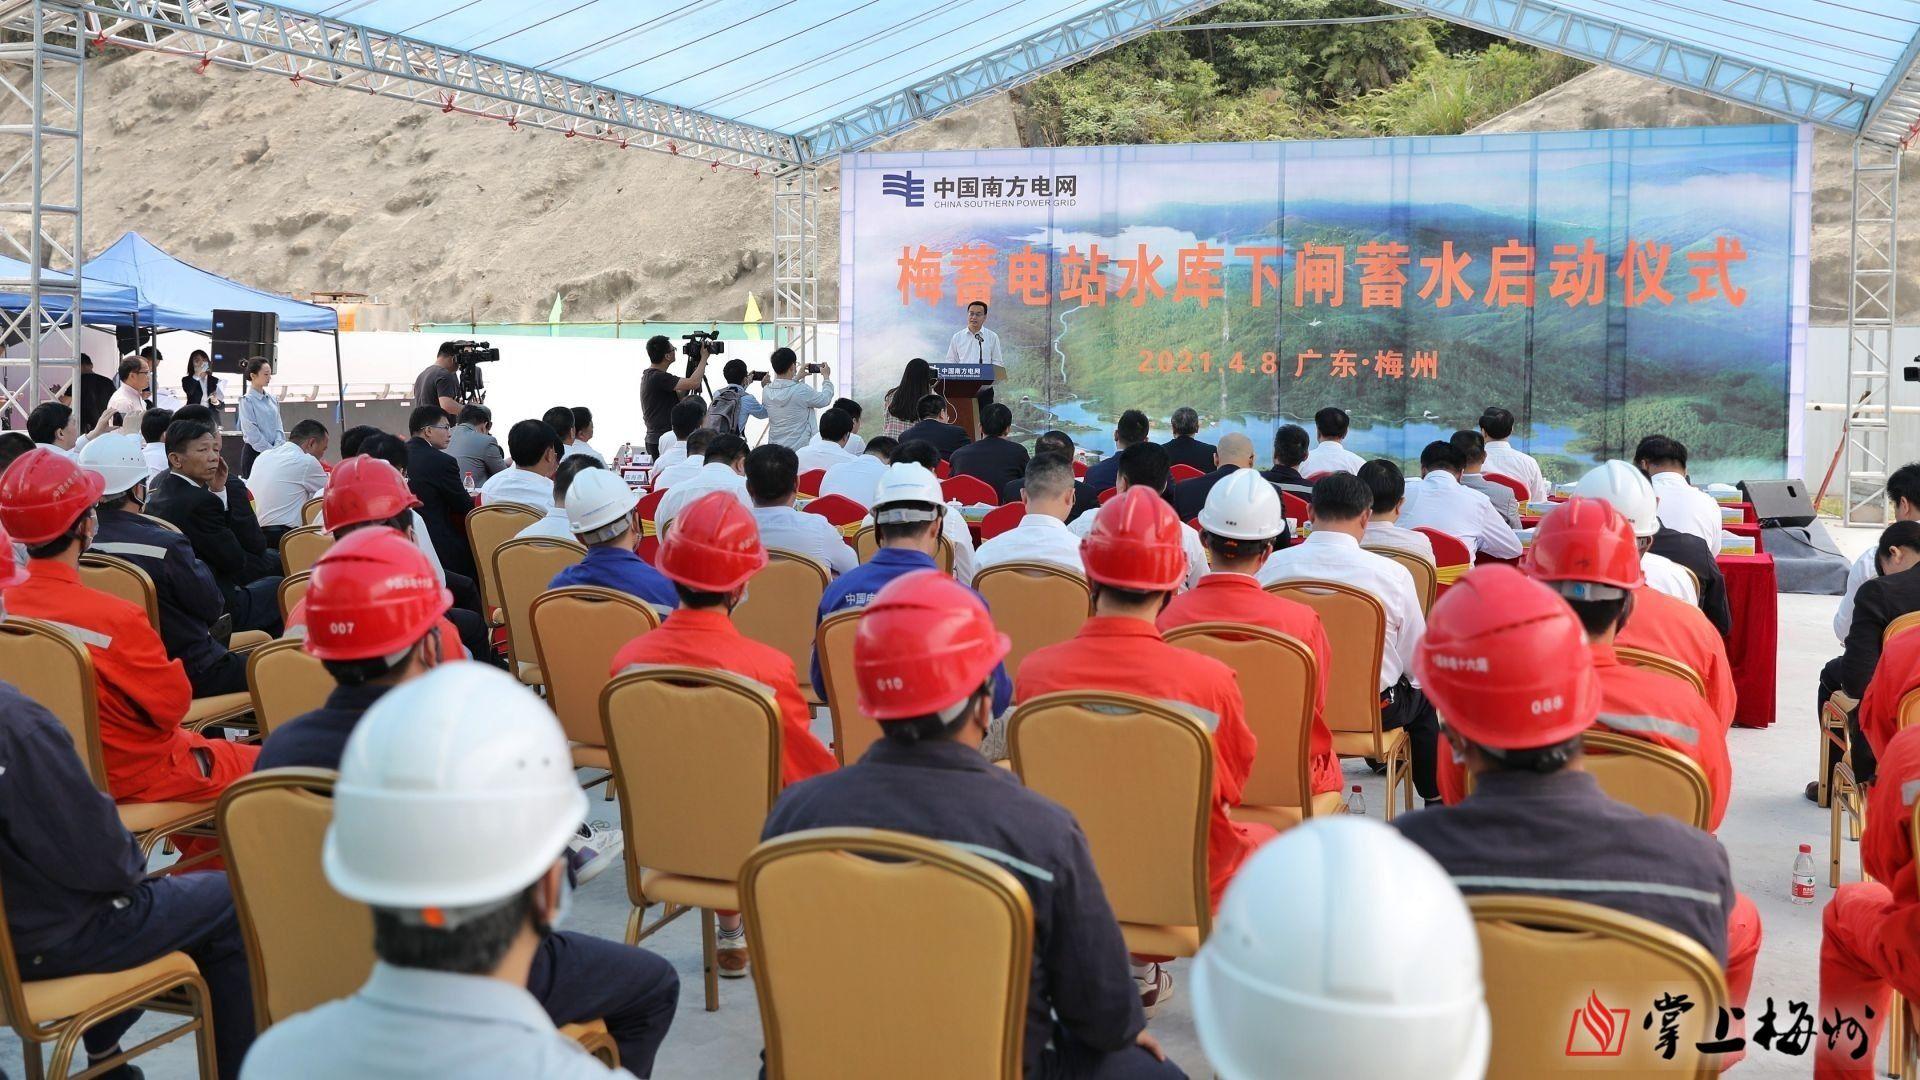 梅州史上单体投资最大的基建工程,梅州五华抽水蓄能电站今日下闸蓄水!